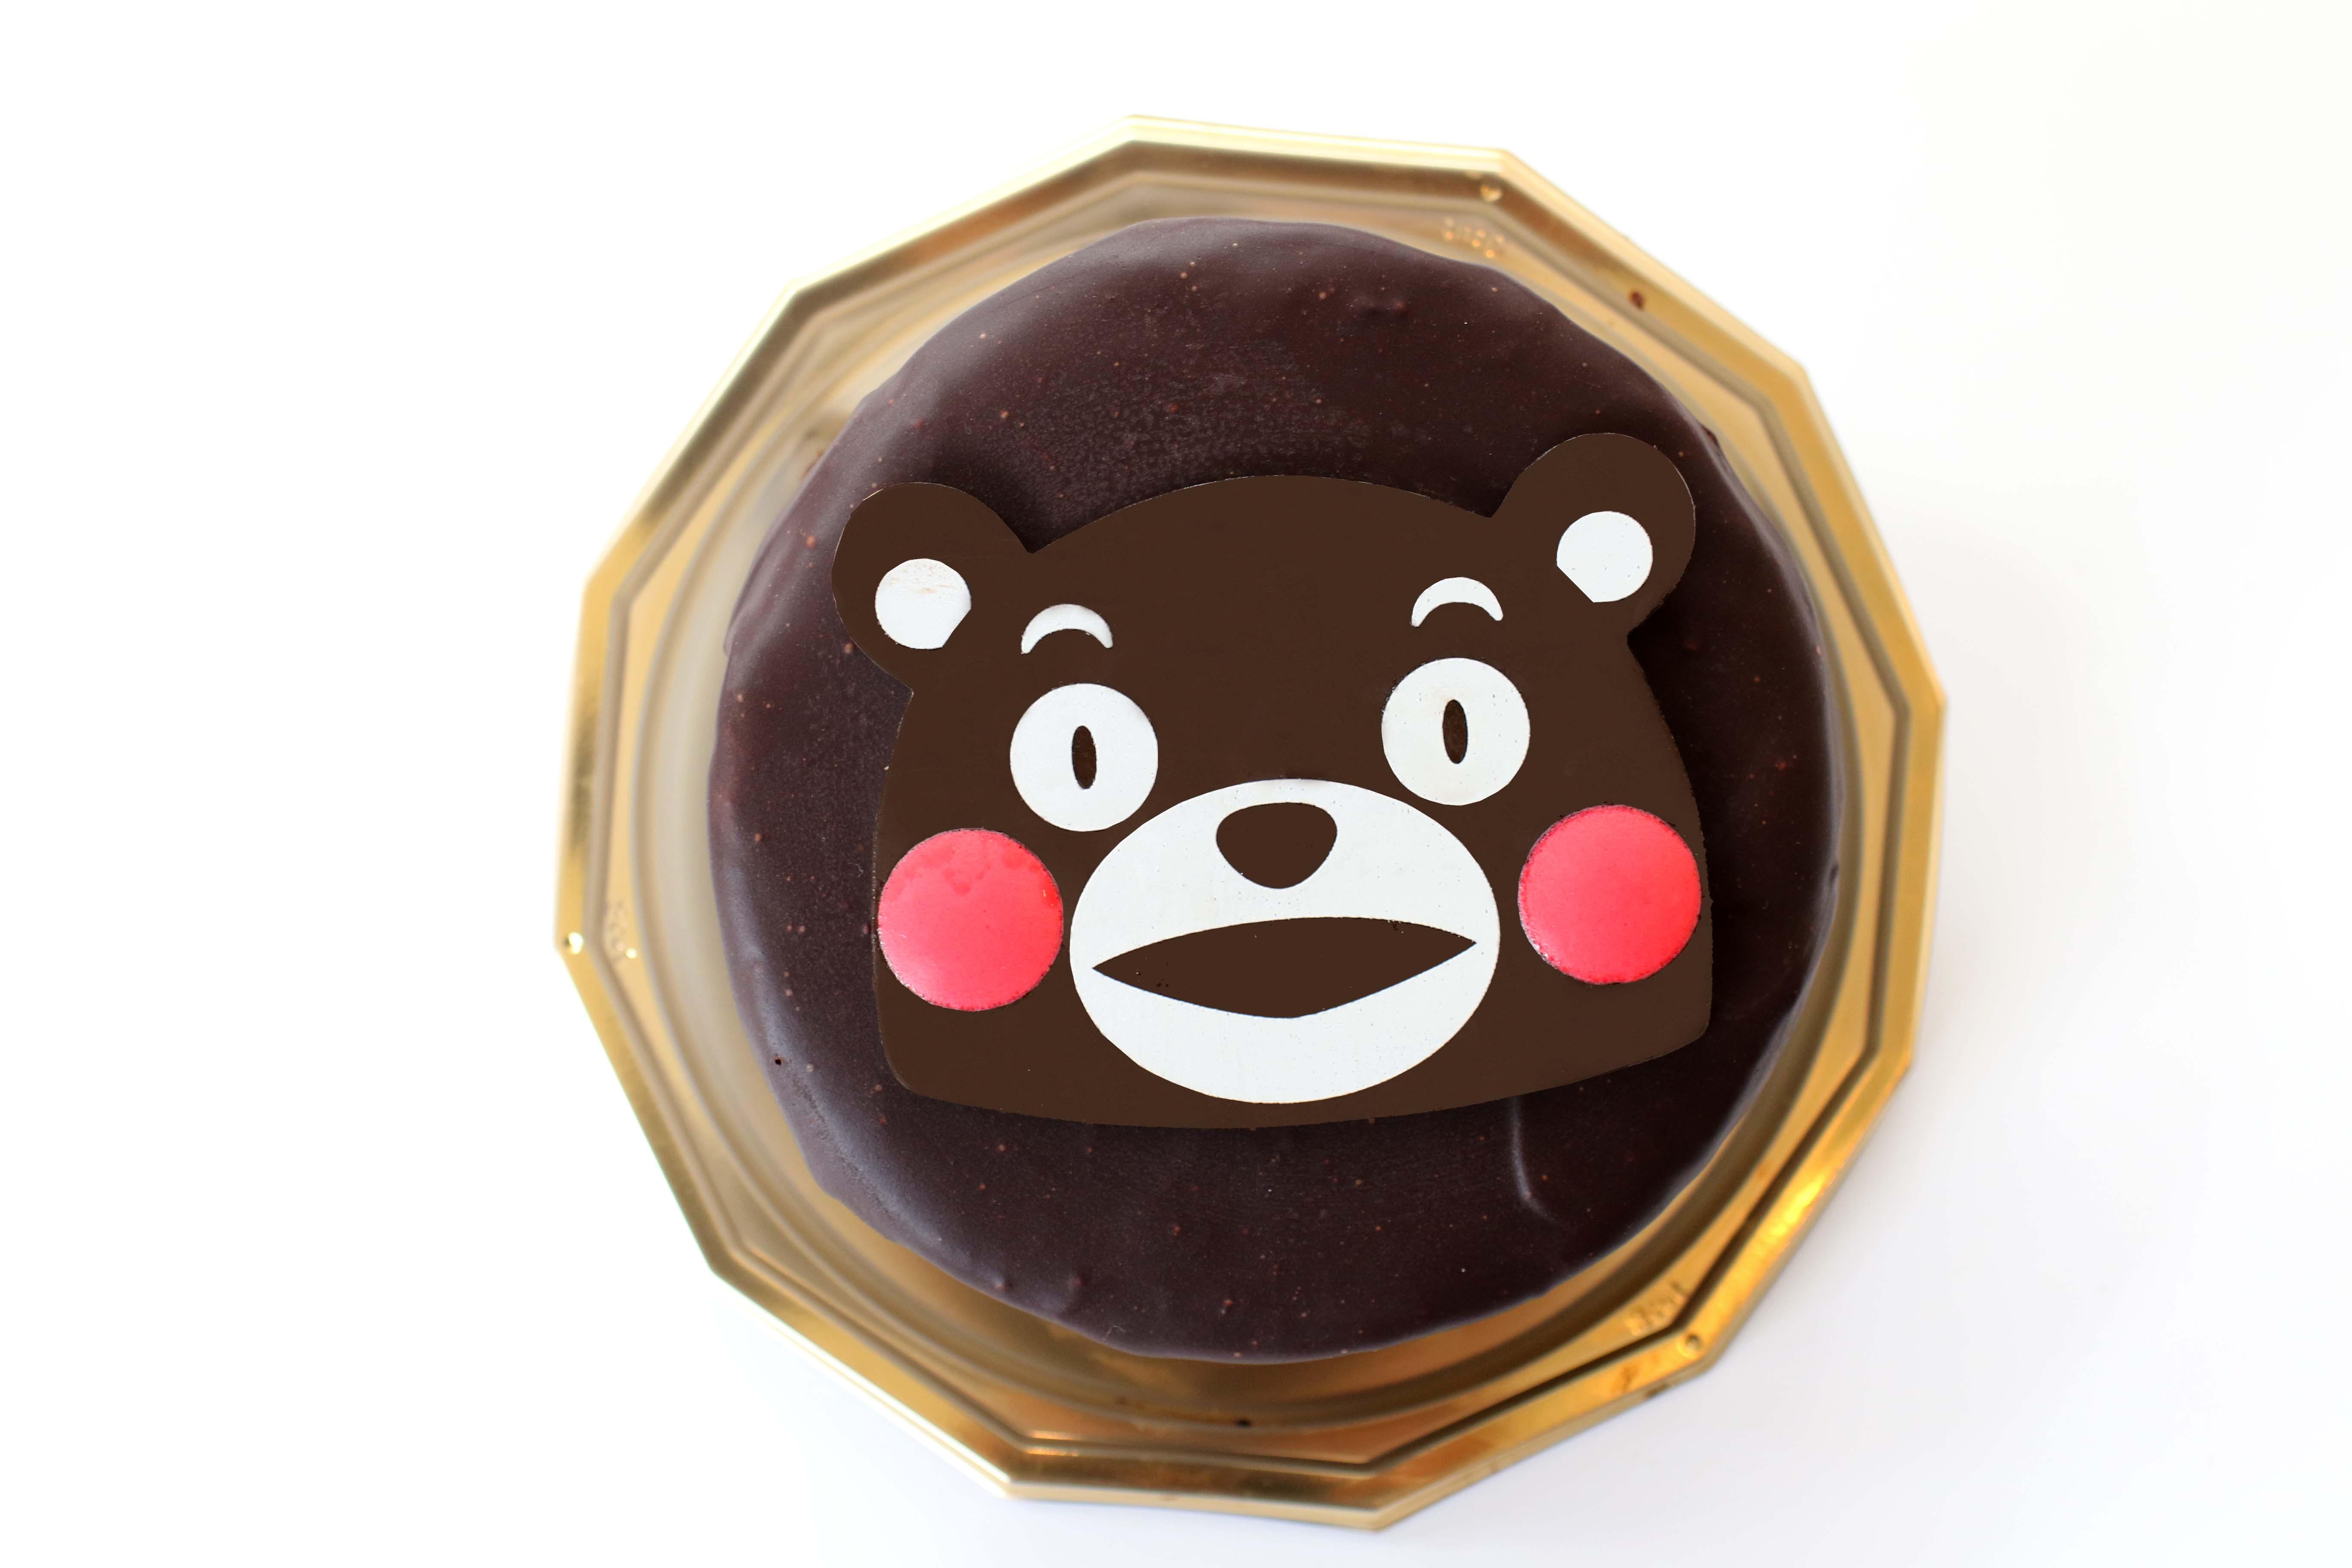 チョコフェイスケーキ(くまモンバージョン)©2010熊本県くまモン#K22462